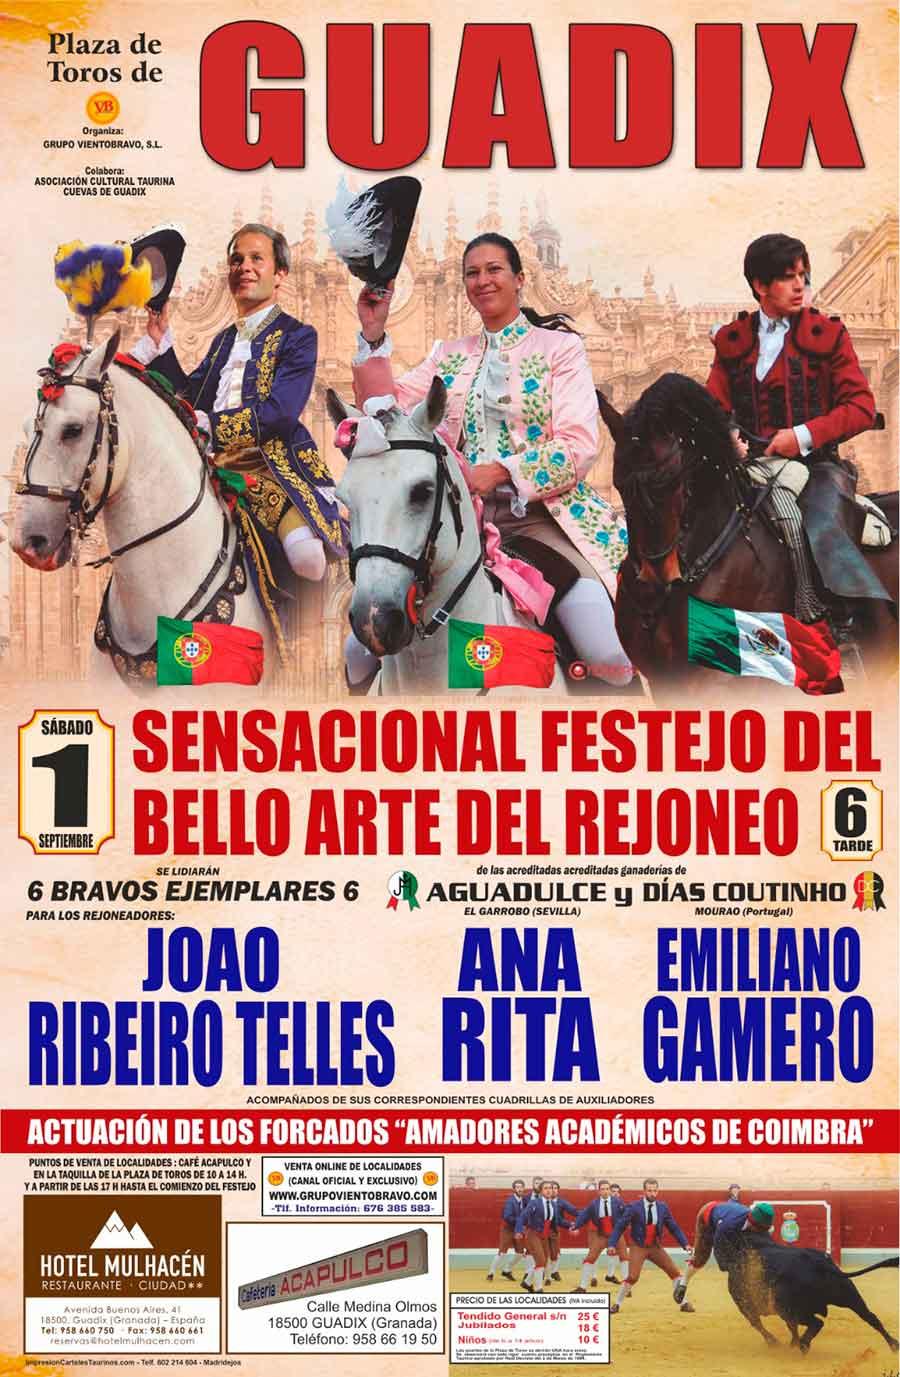 Festejo de Rejoneo Feria de Guadix